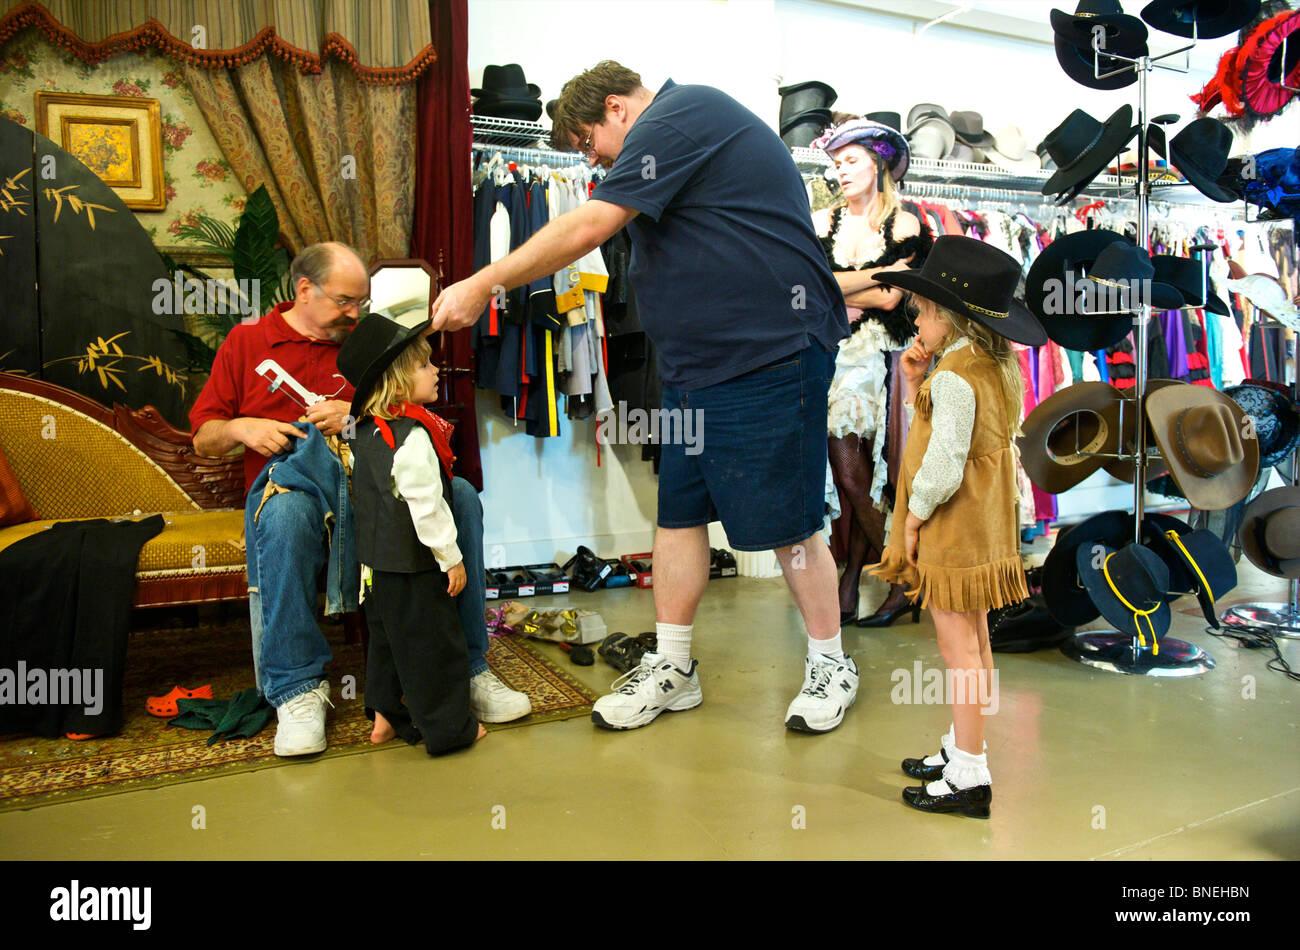 Famille touristique se préparer dans un style occidental, les vêtements à Wildwest pour Shoot photo de Galveston, États-Unis Banque D'Images